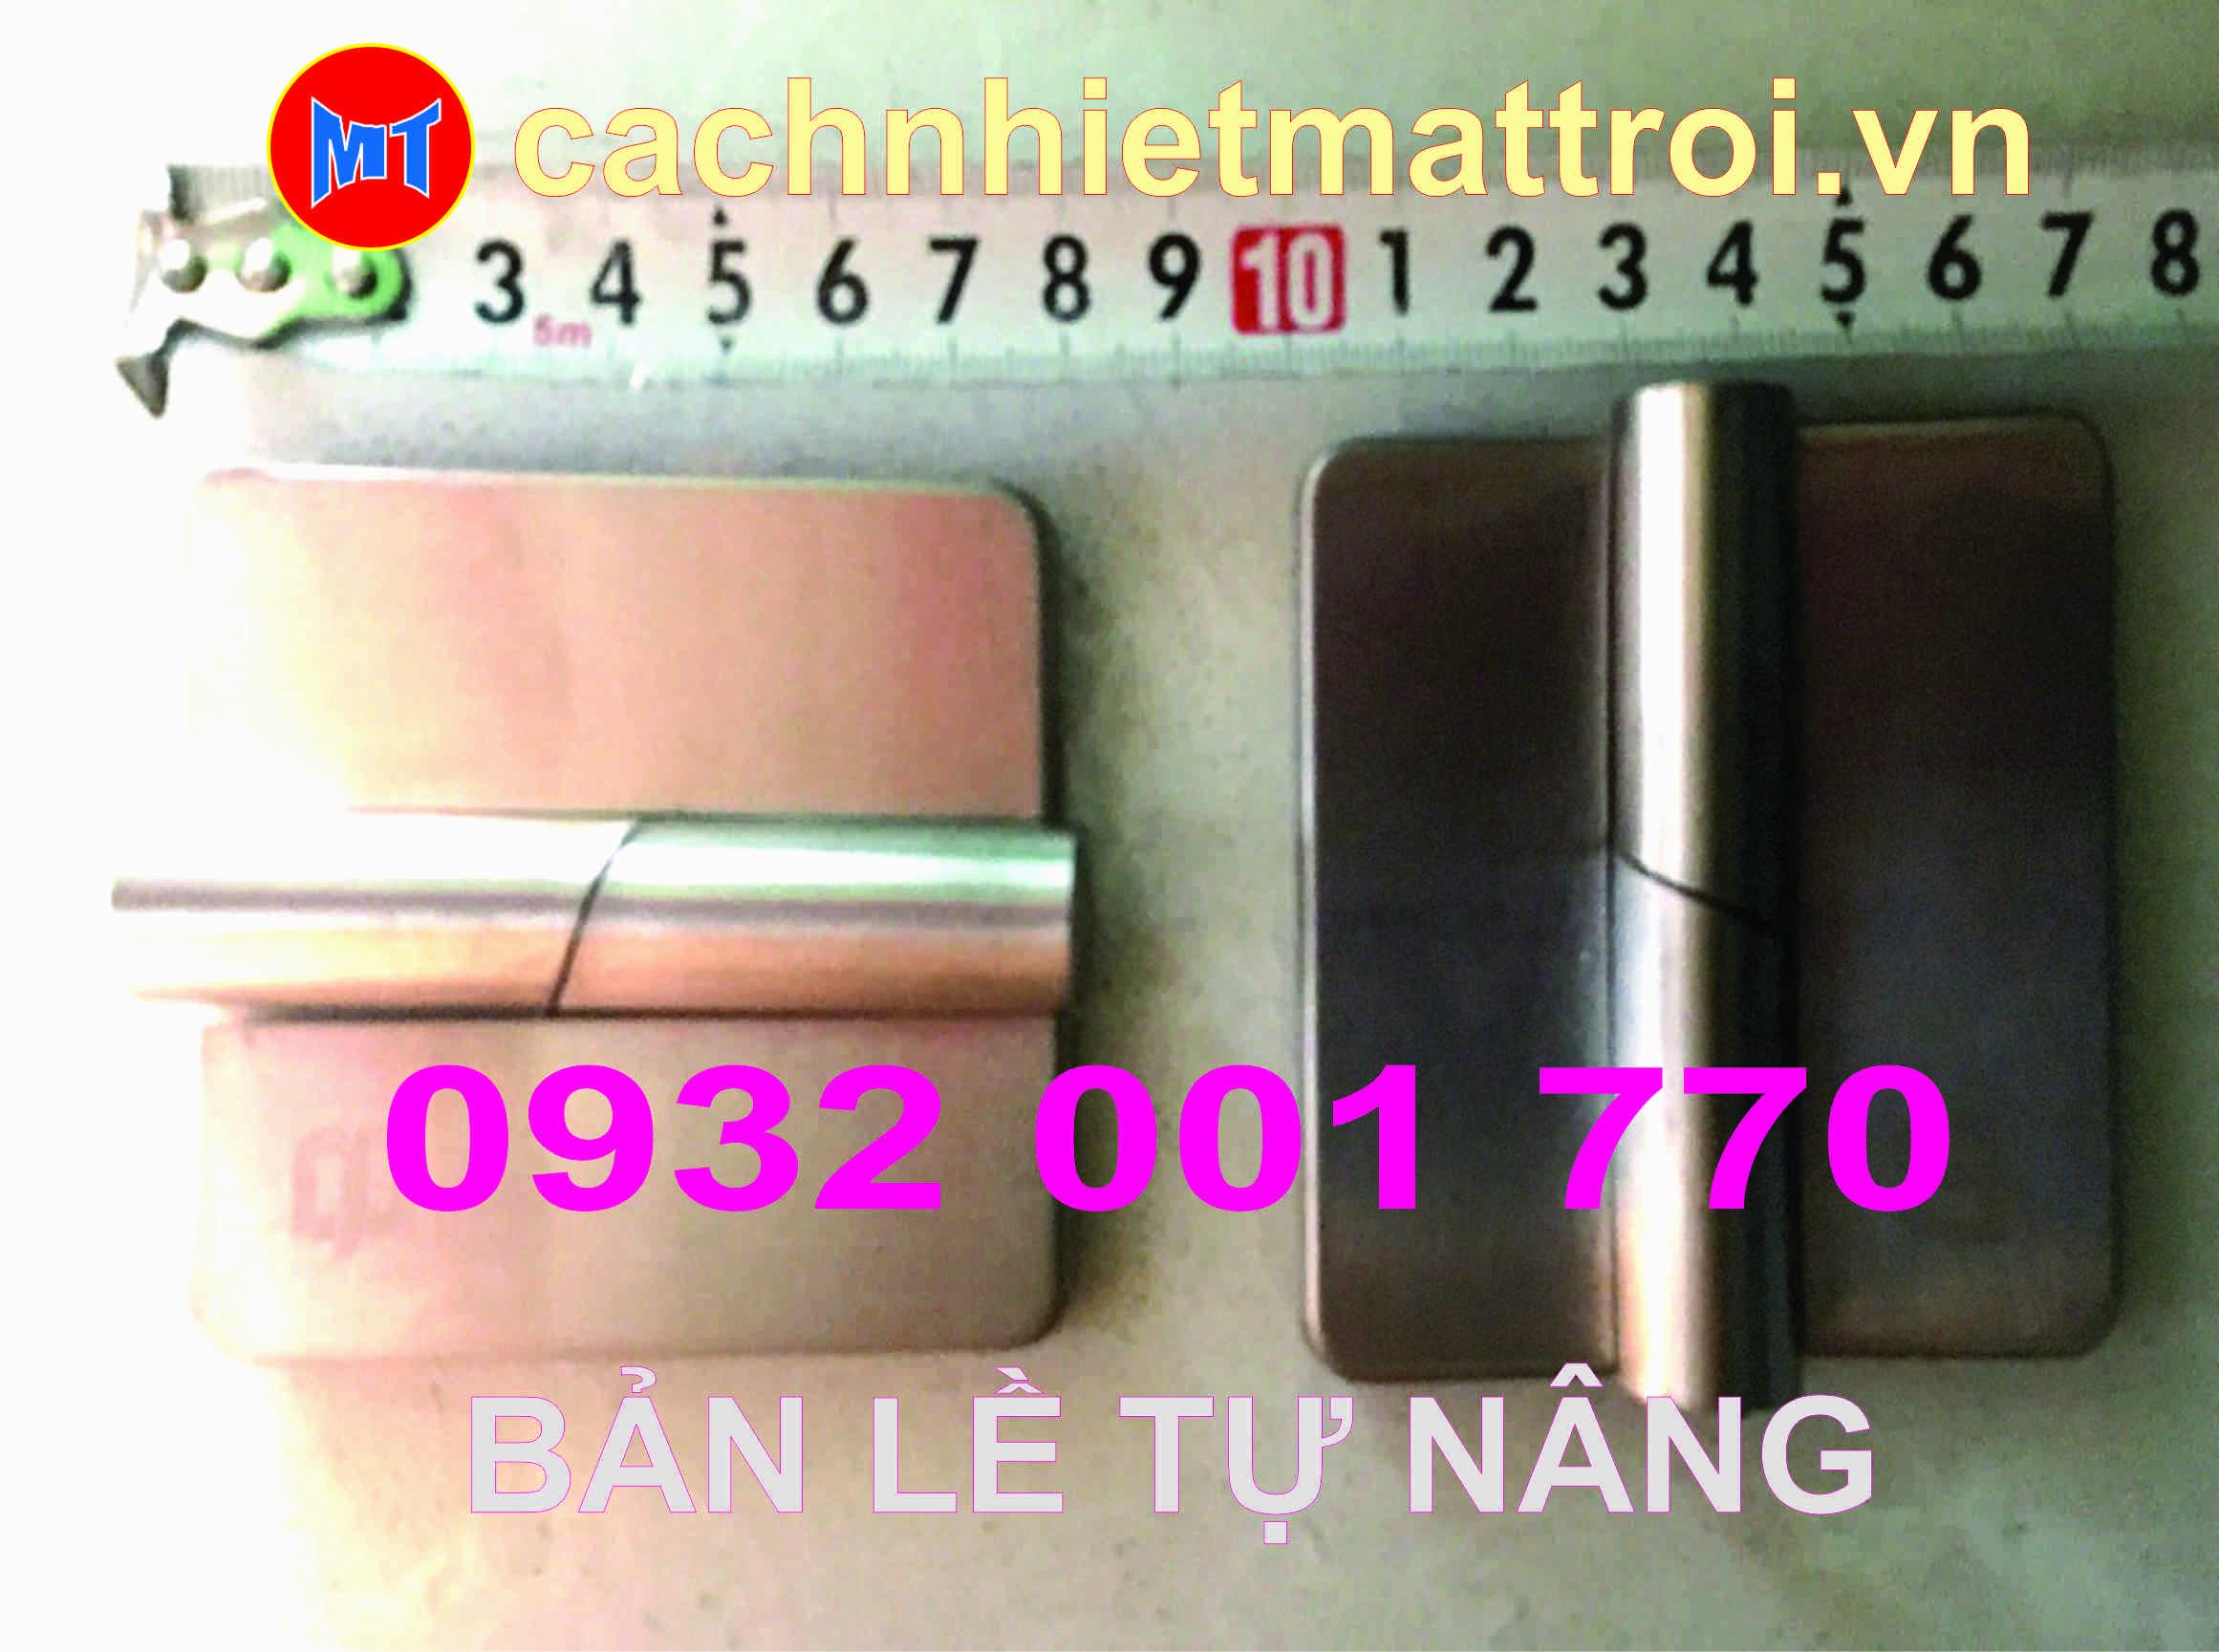 hình 3 BẢN LỀ TỰ NÂNG INOX 304 - BẢN LỀ CỬA PANEL PHÒNG SẠCH